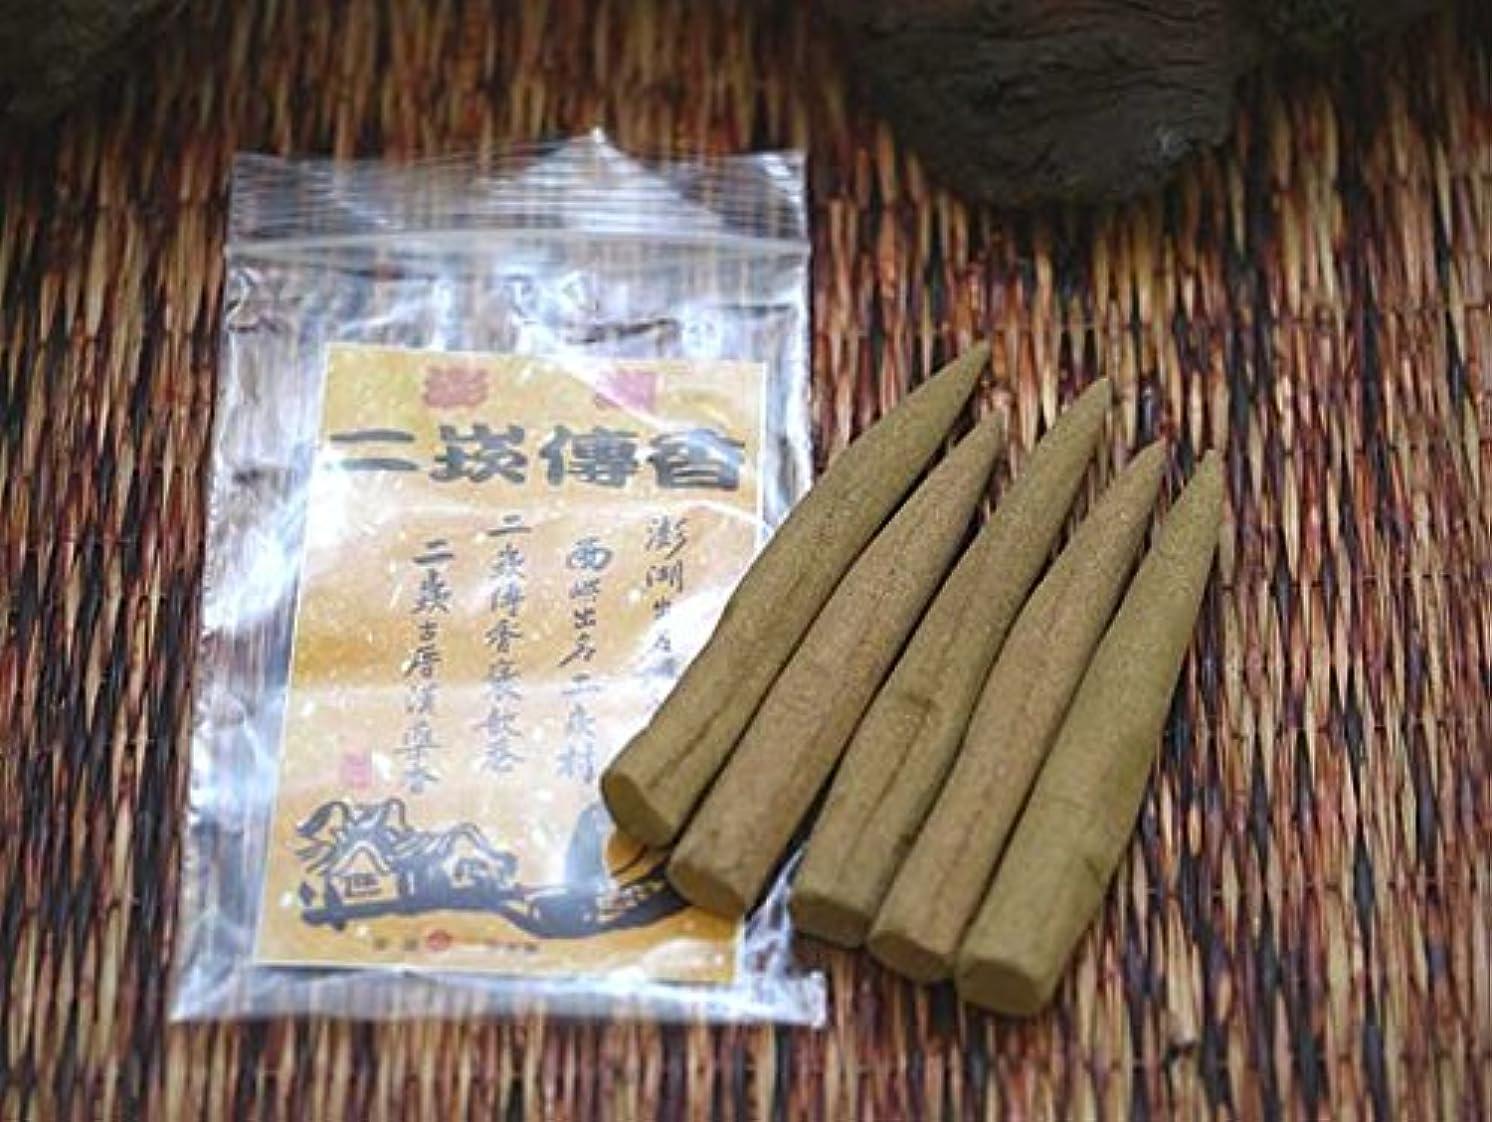 荒らす崇拝するキネマティクスニガンハクコウ 【二 傳香(小)】台湾は澎湖島でのみ作られている伝統的な魔除香